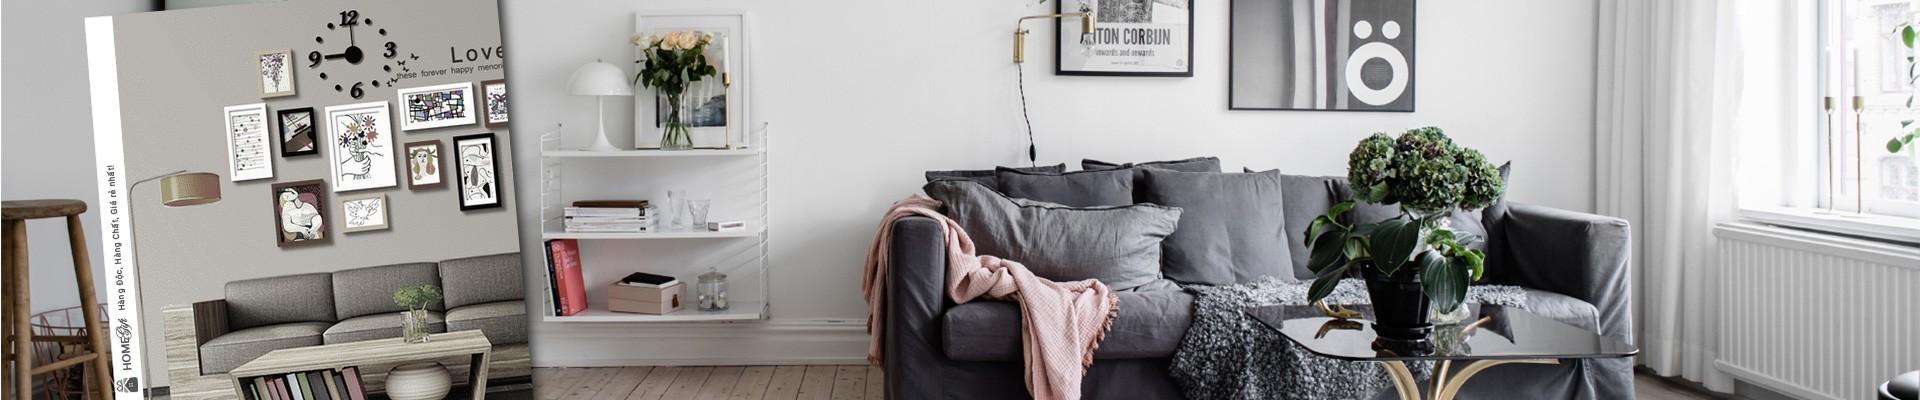 Các sản phẩm decor trang trí phòng khách đẹp và siêu độc đáo